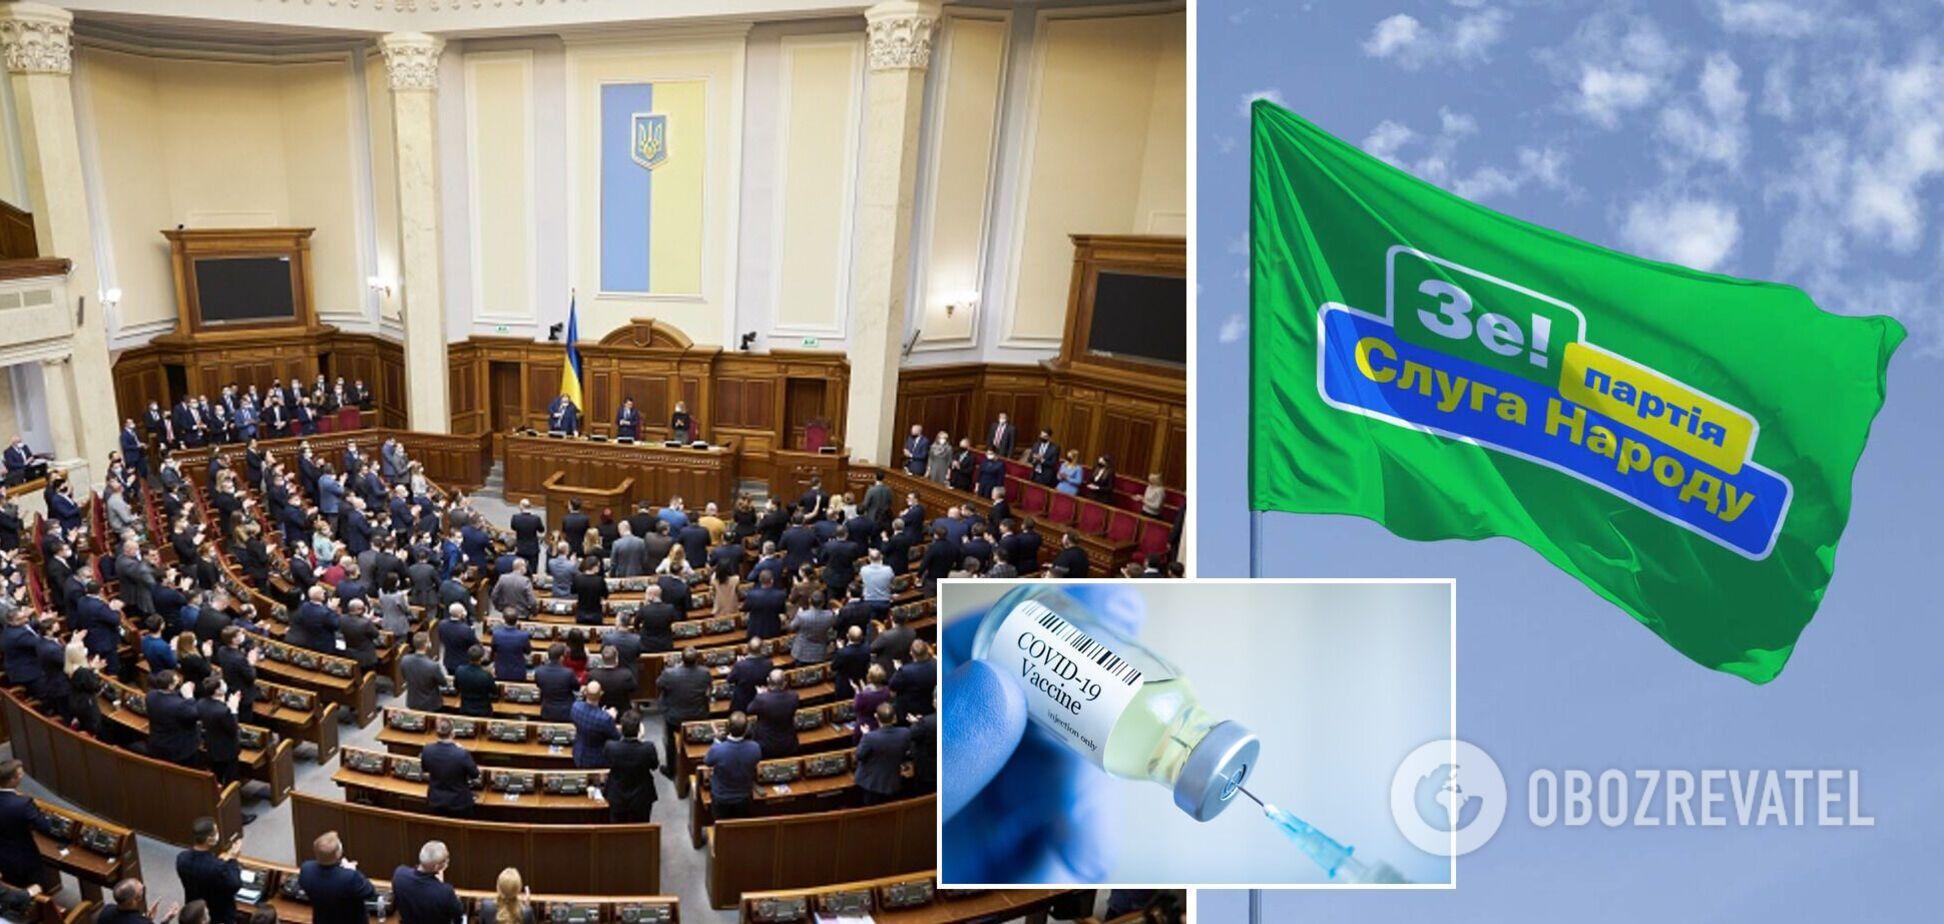 'Слуги народу' не захотіли збирати РНБО через пандемію та провалили поліпшення програми вакцинації українців